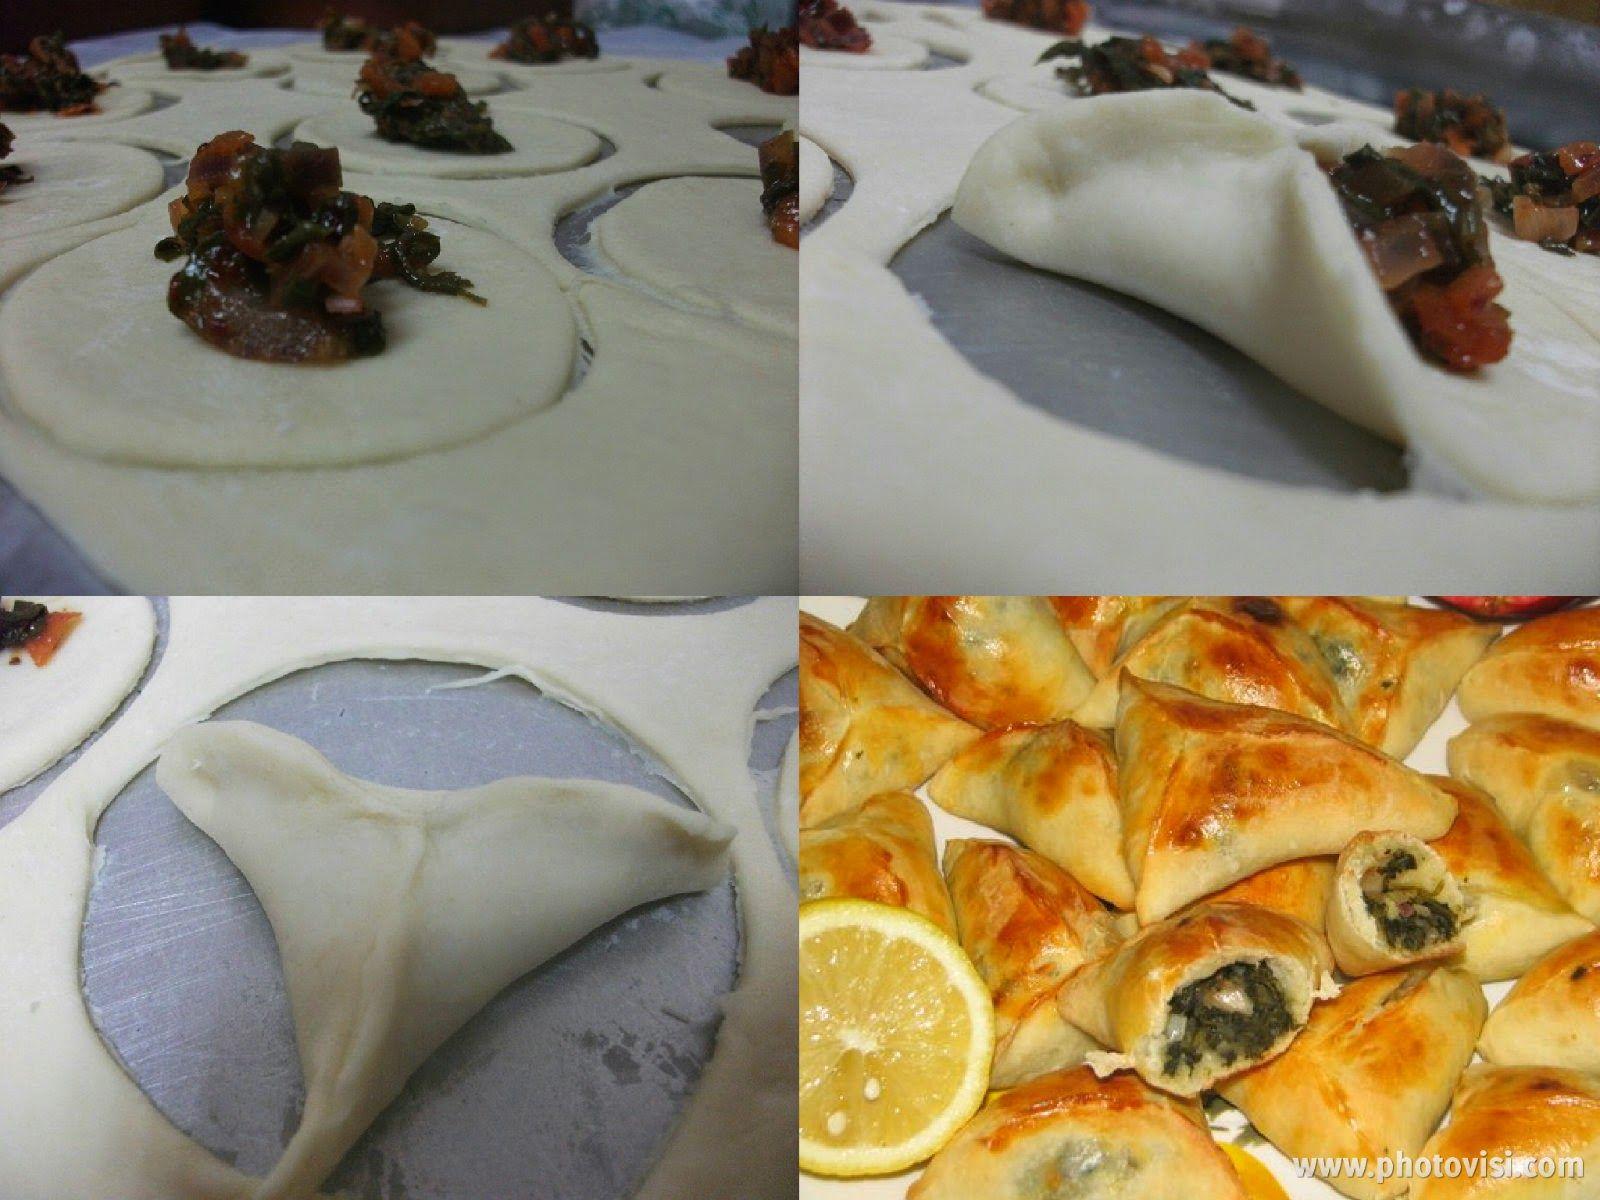 عالم الطبخ والجمال طريقة عمل فطائر السبانخ Cooking Recipes Recipes Food